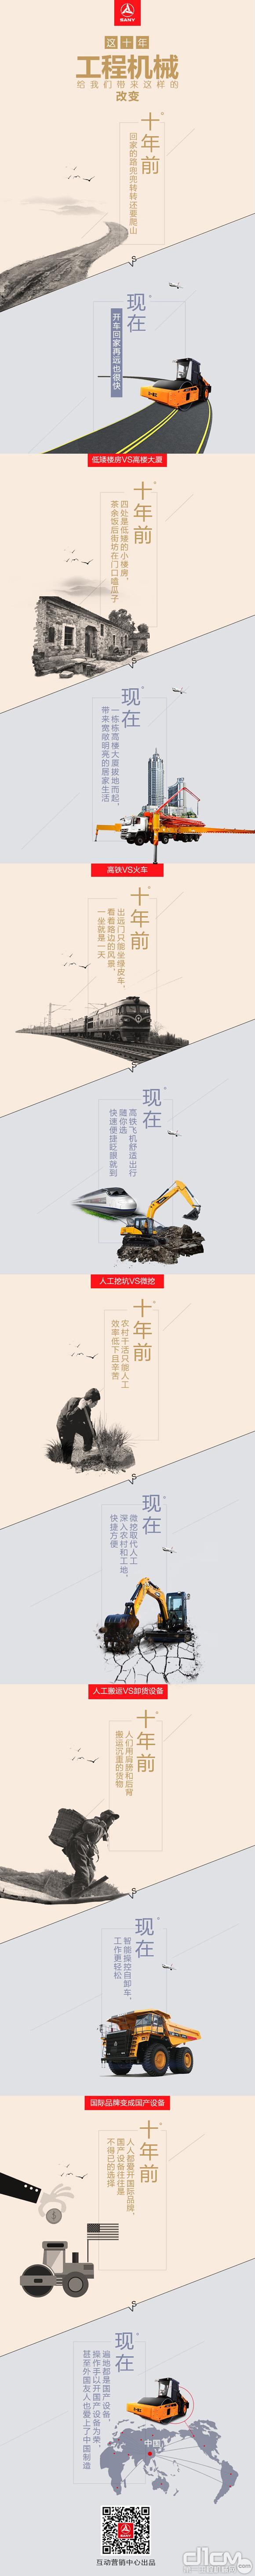 图说:工程机械十年变迁